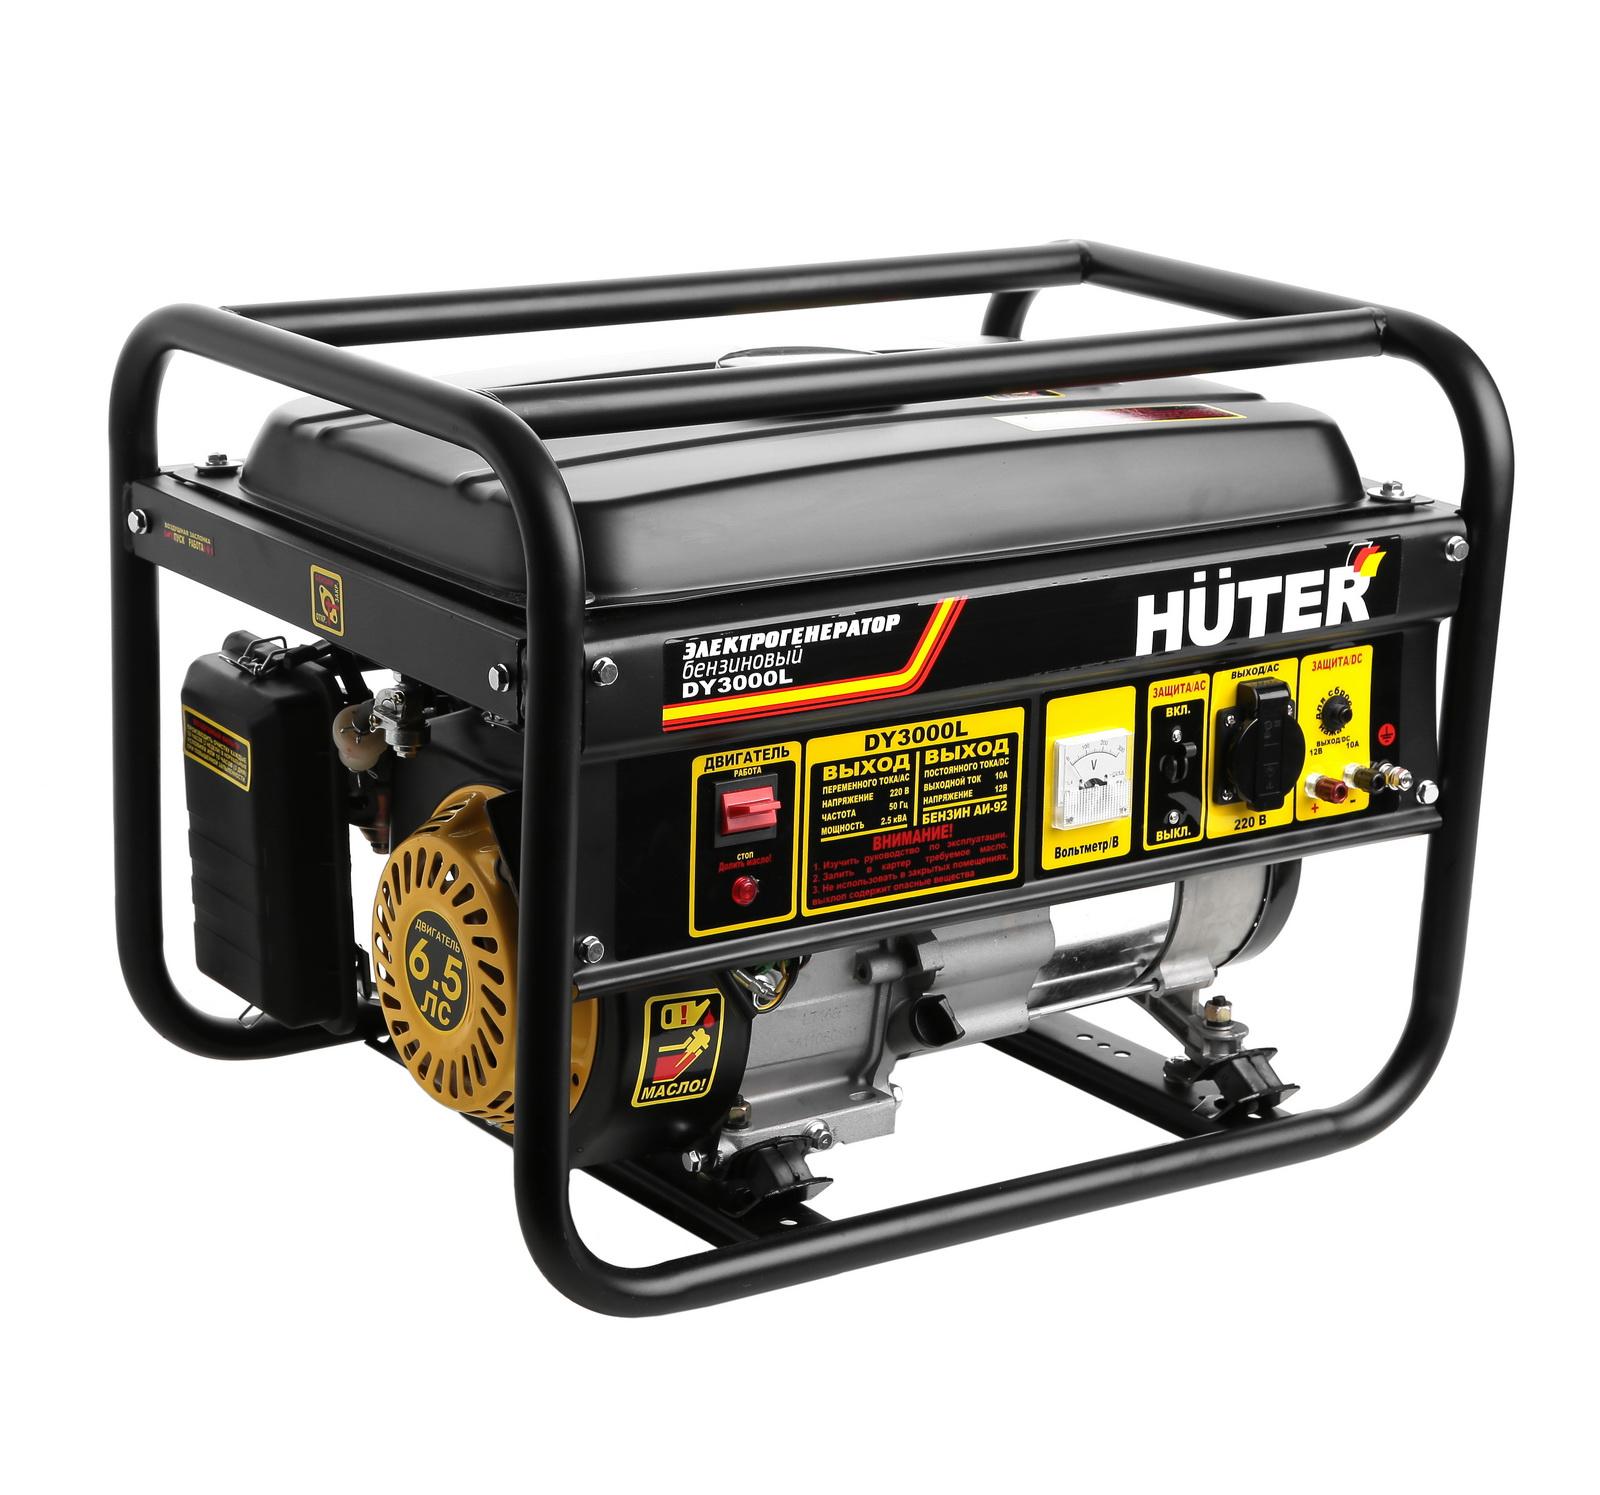 Бензиновый генератор Huter Dy3000l электрогенератор huter dy3000l